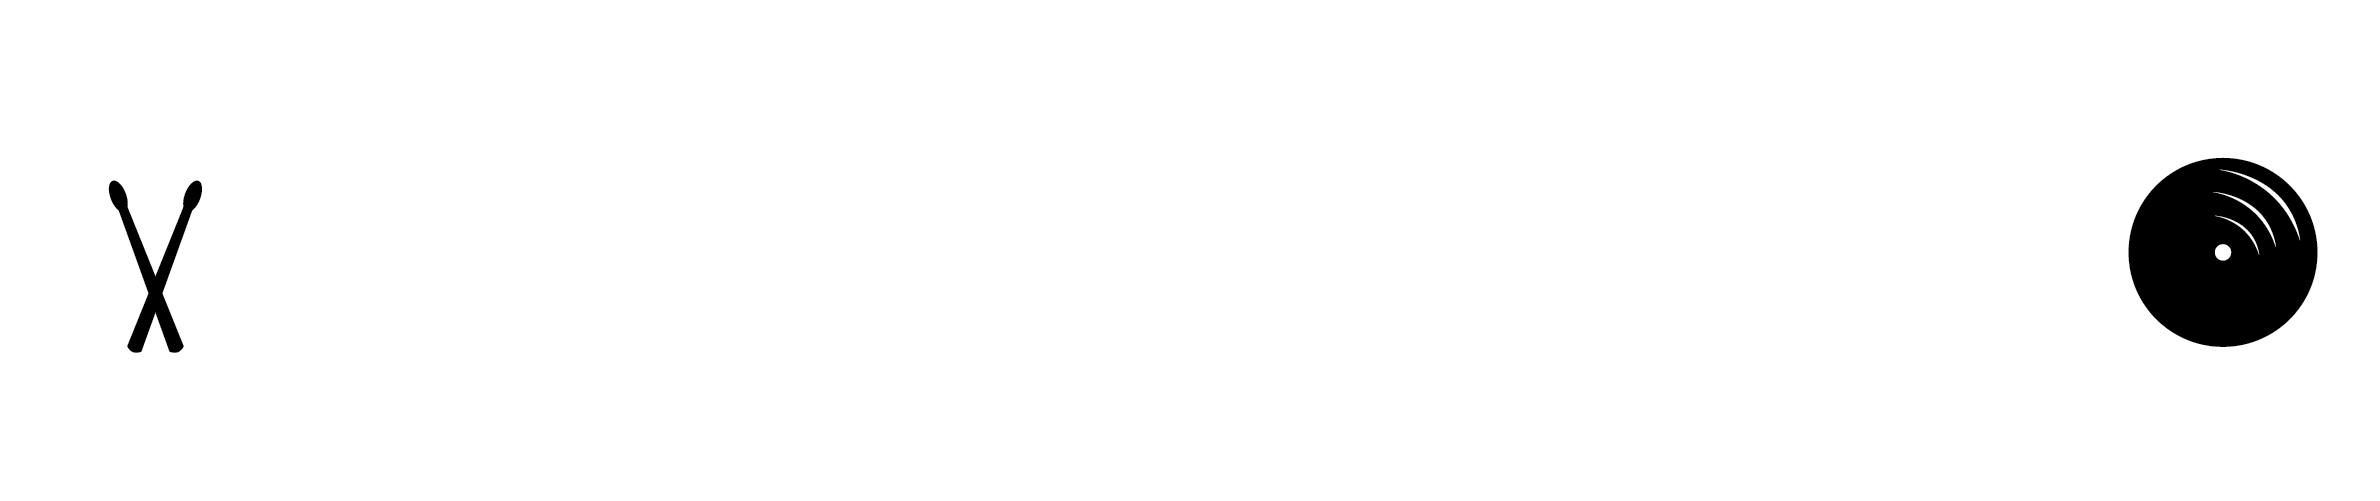 Dj Evander